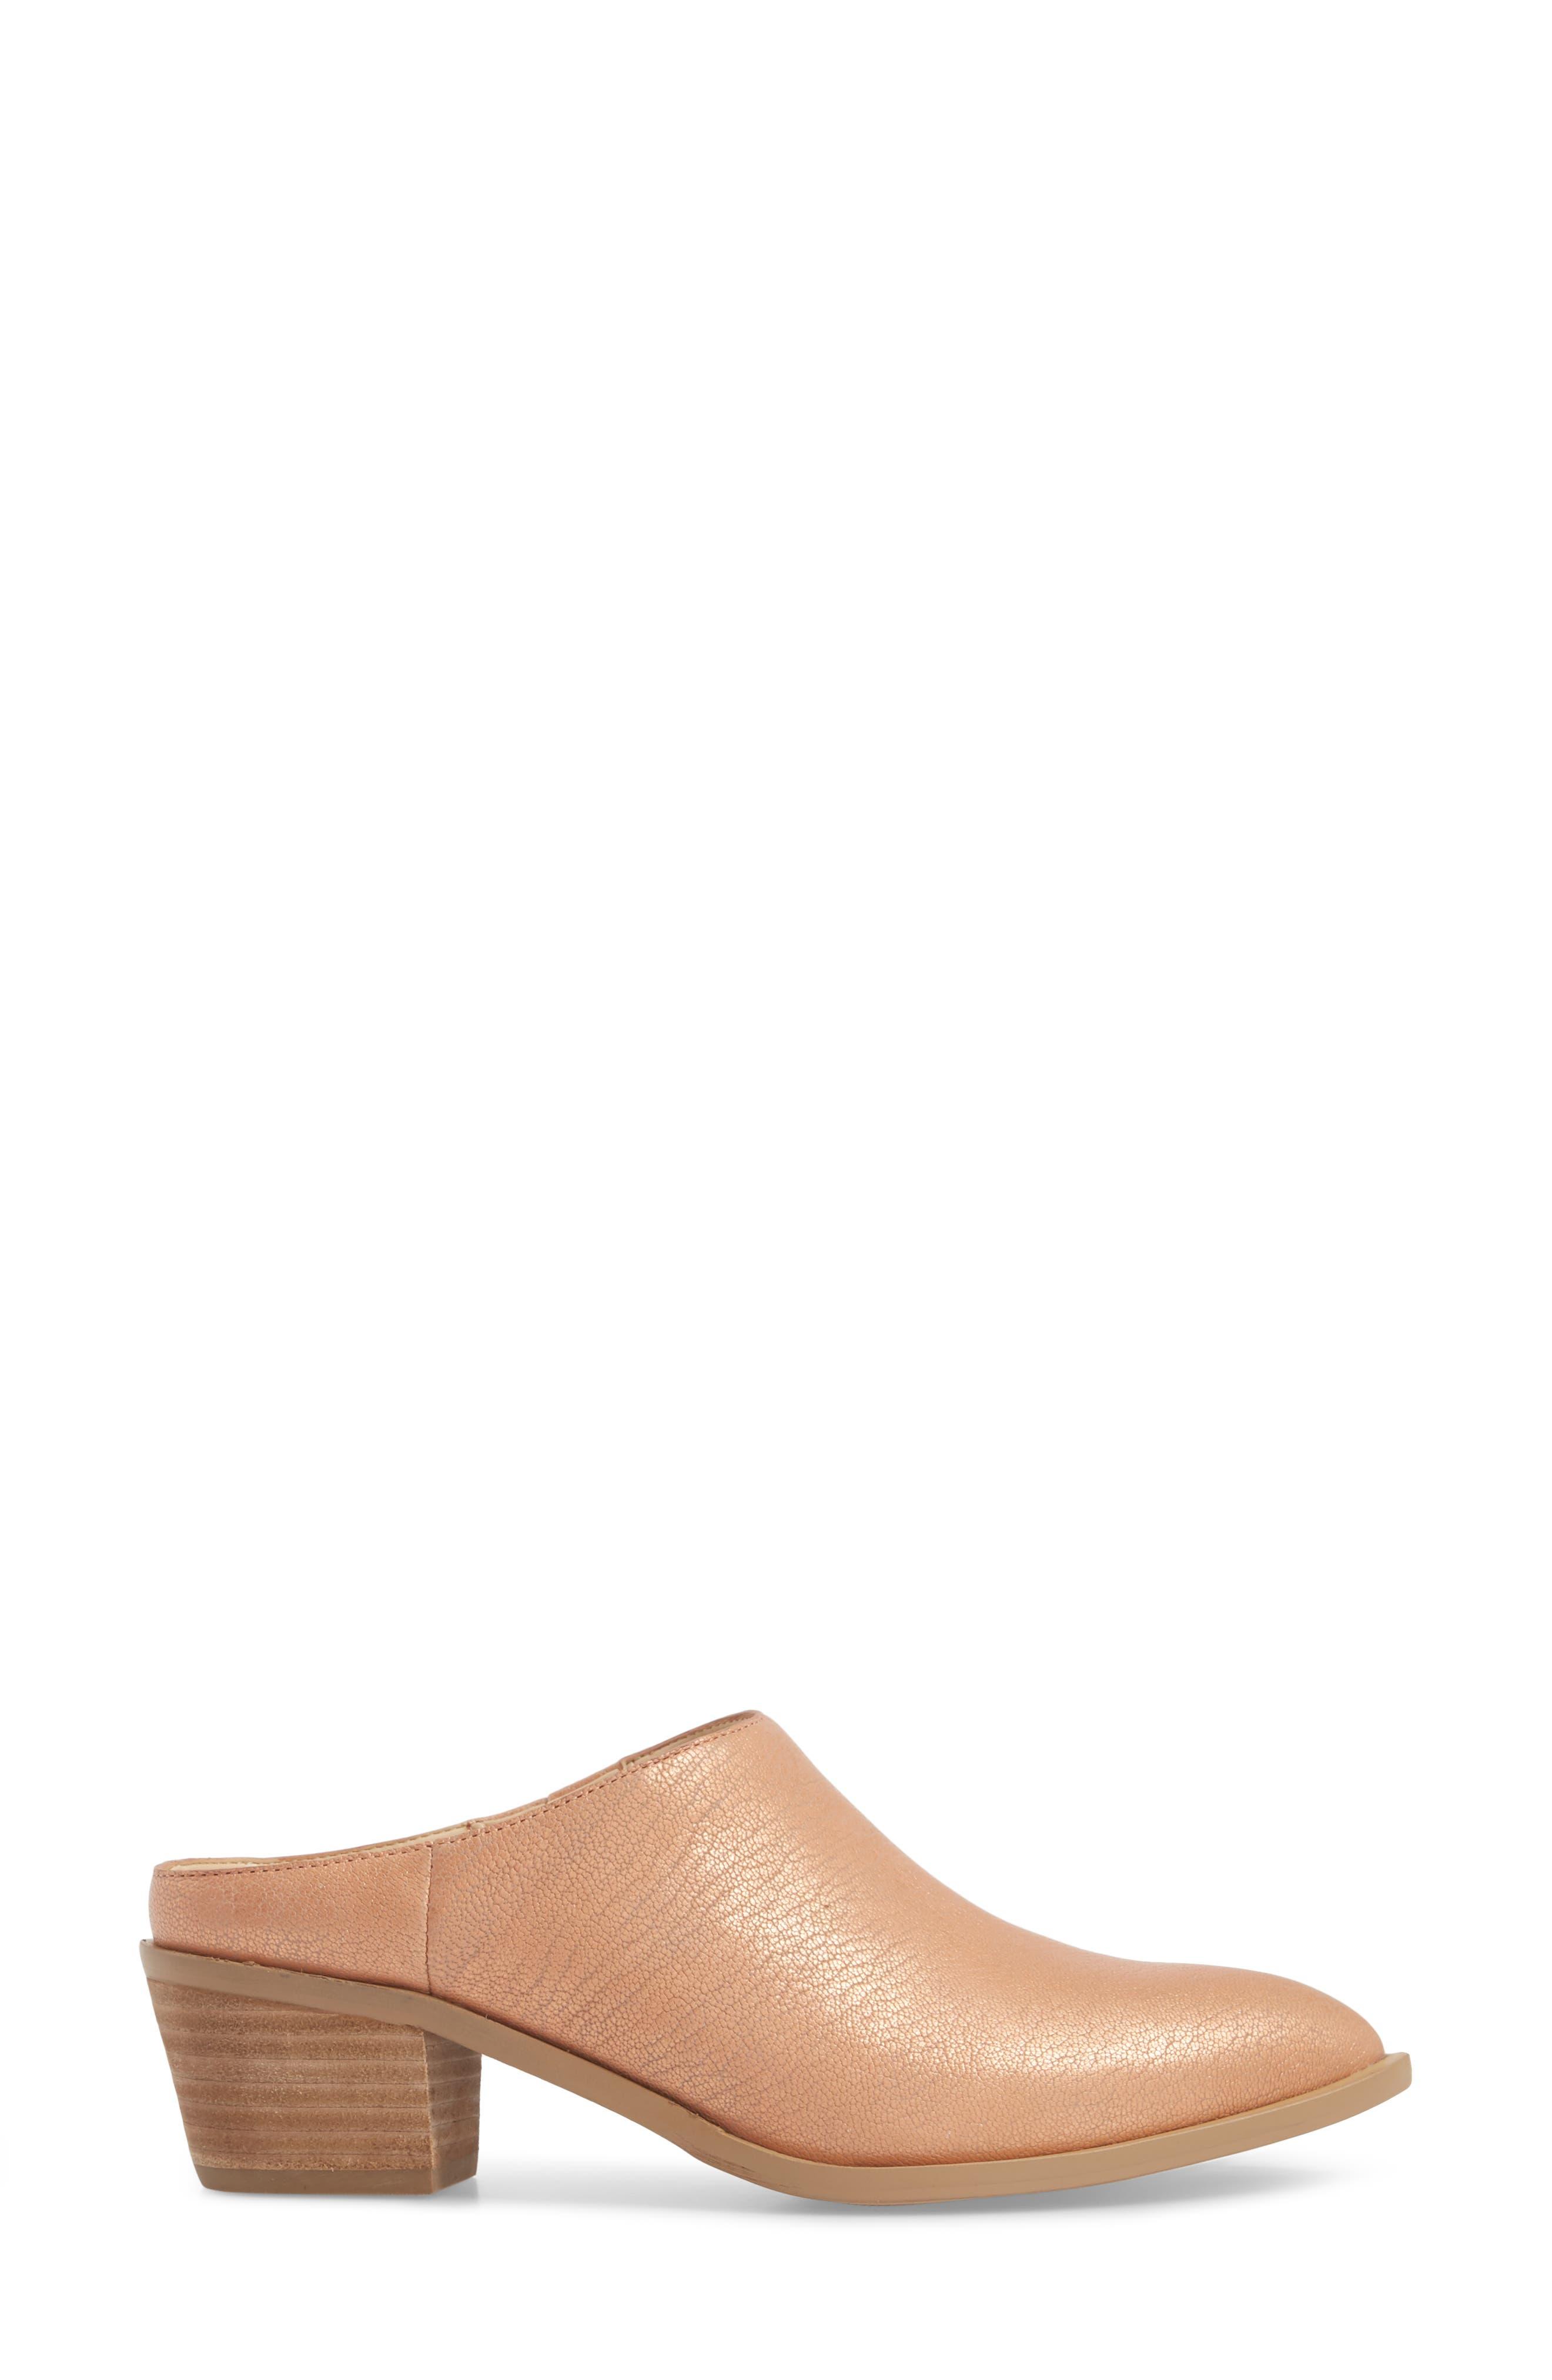 Nandina Genuine Calf Hair Block Heel Mule,                             Alternate thumbnail 3, color,                             BLUSH